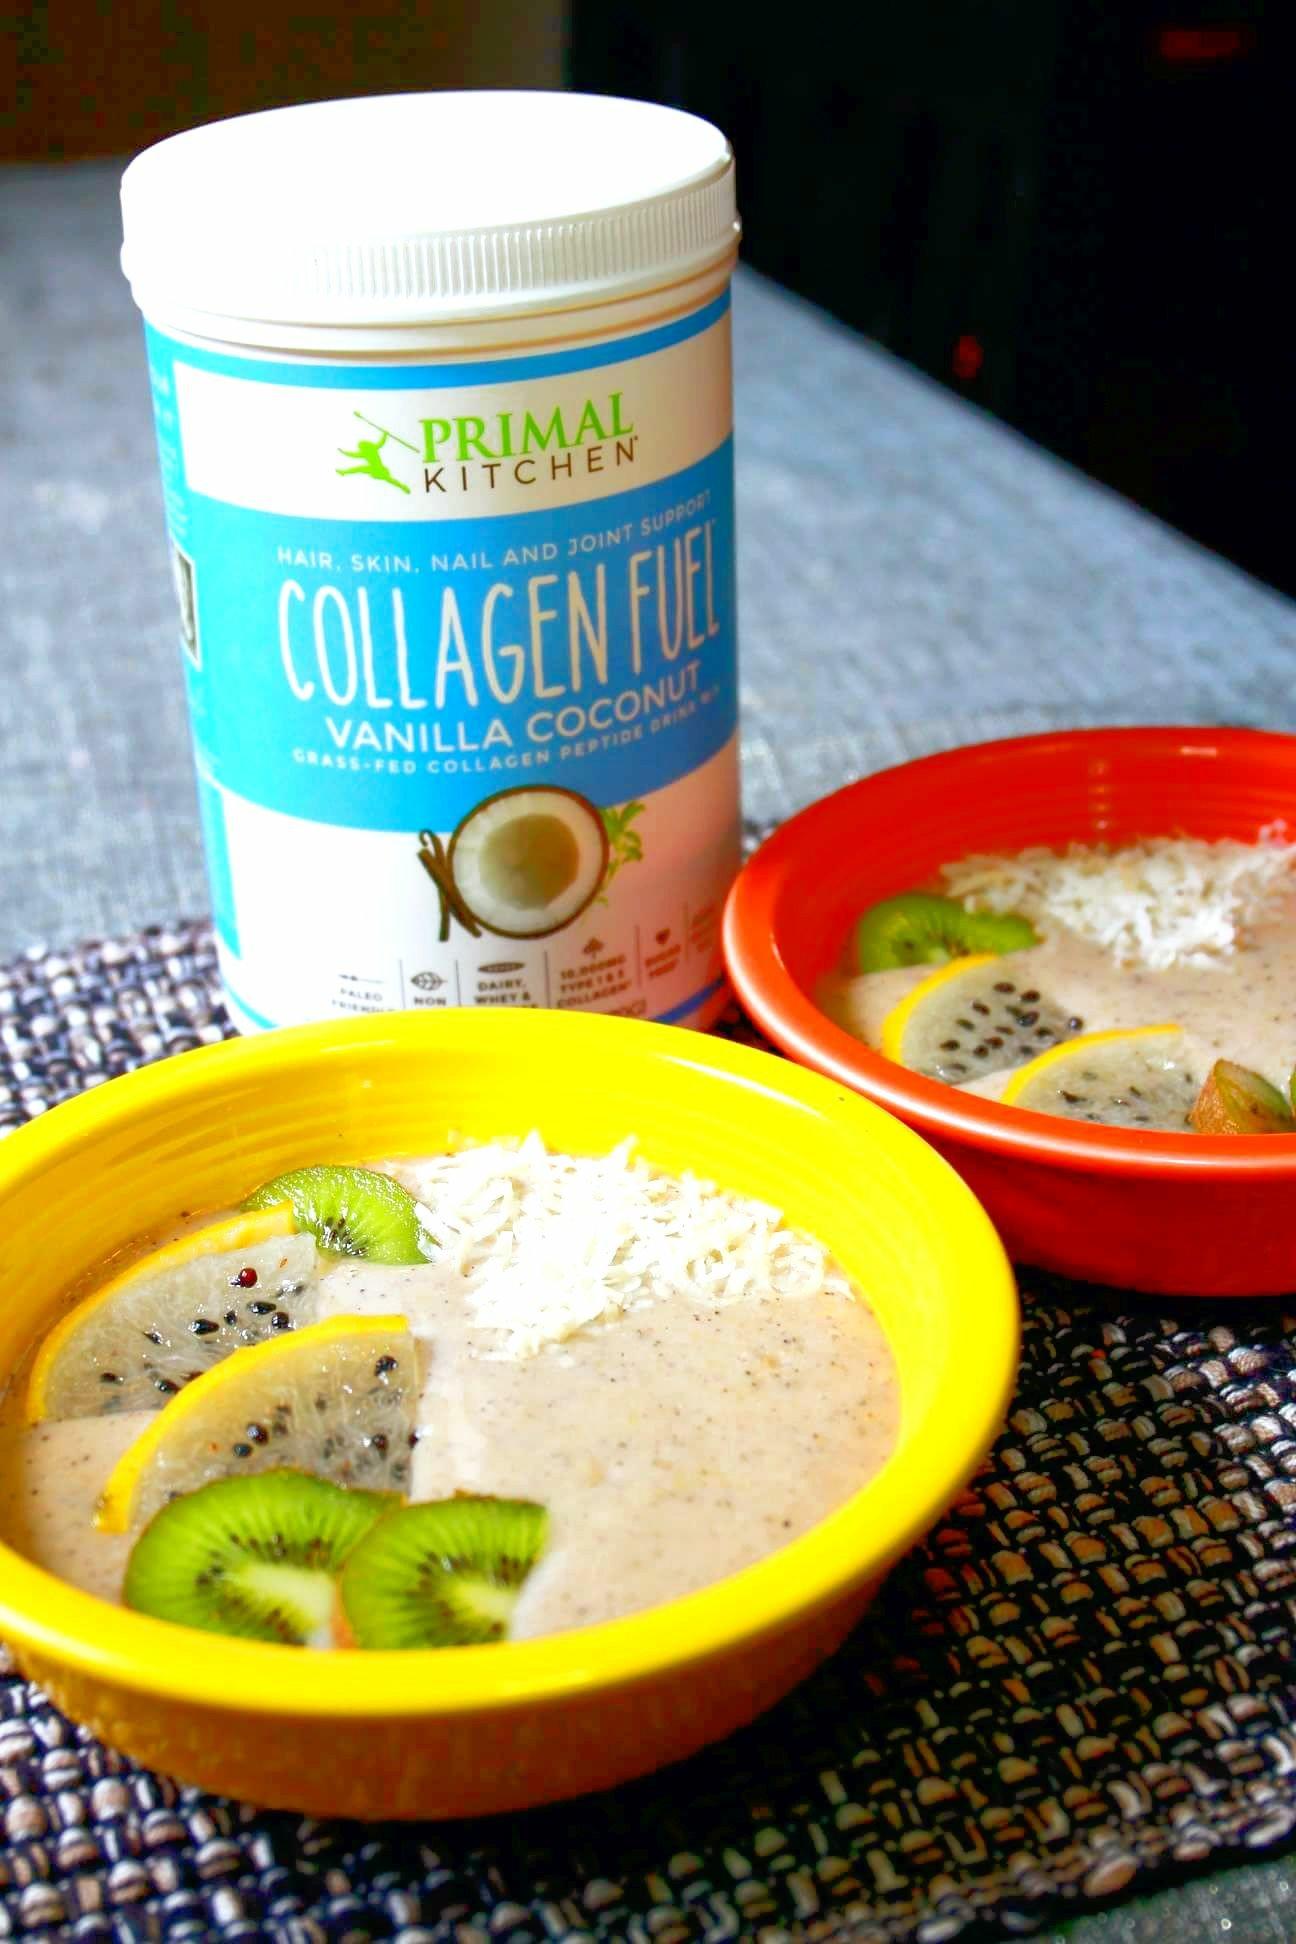 20180806 1446351105229381 - Primal Kitchen Collagen Fuel - Smoothie RECIPE - Tried It Tuesday